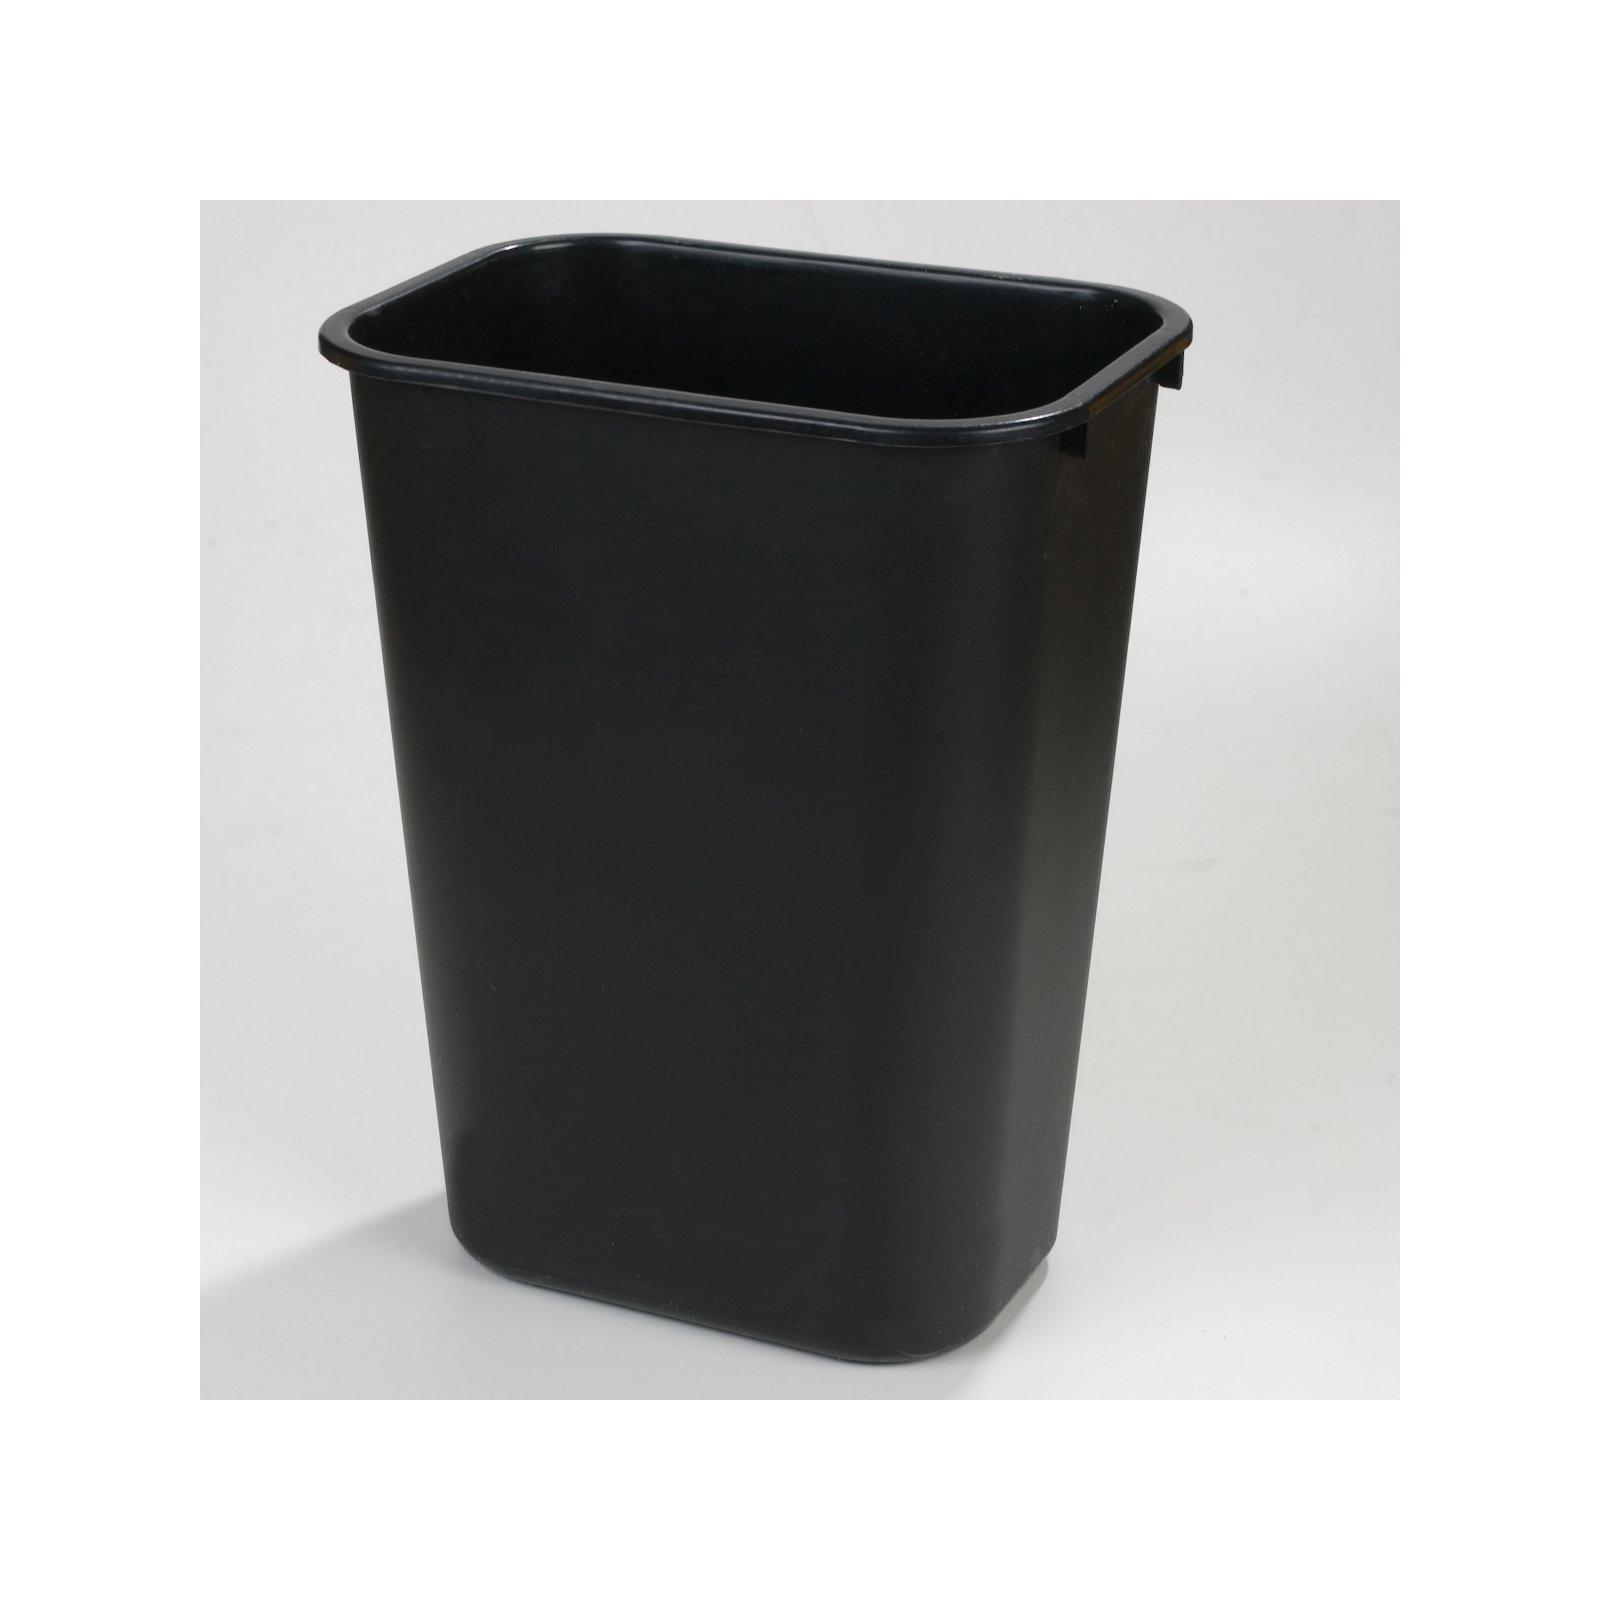 Good ... 34294103   Rectangle Office Wastebasket Trash Can 41 Quart   Black